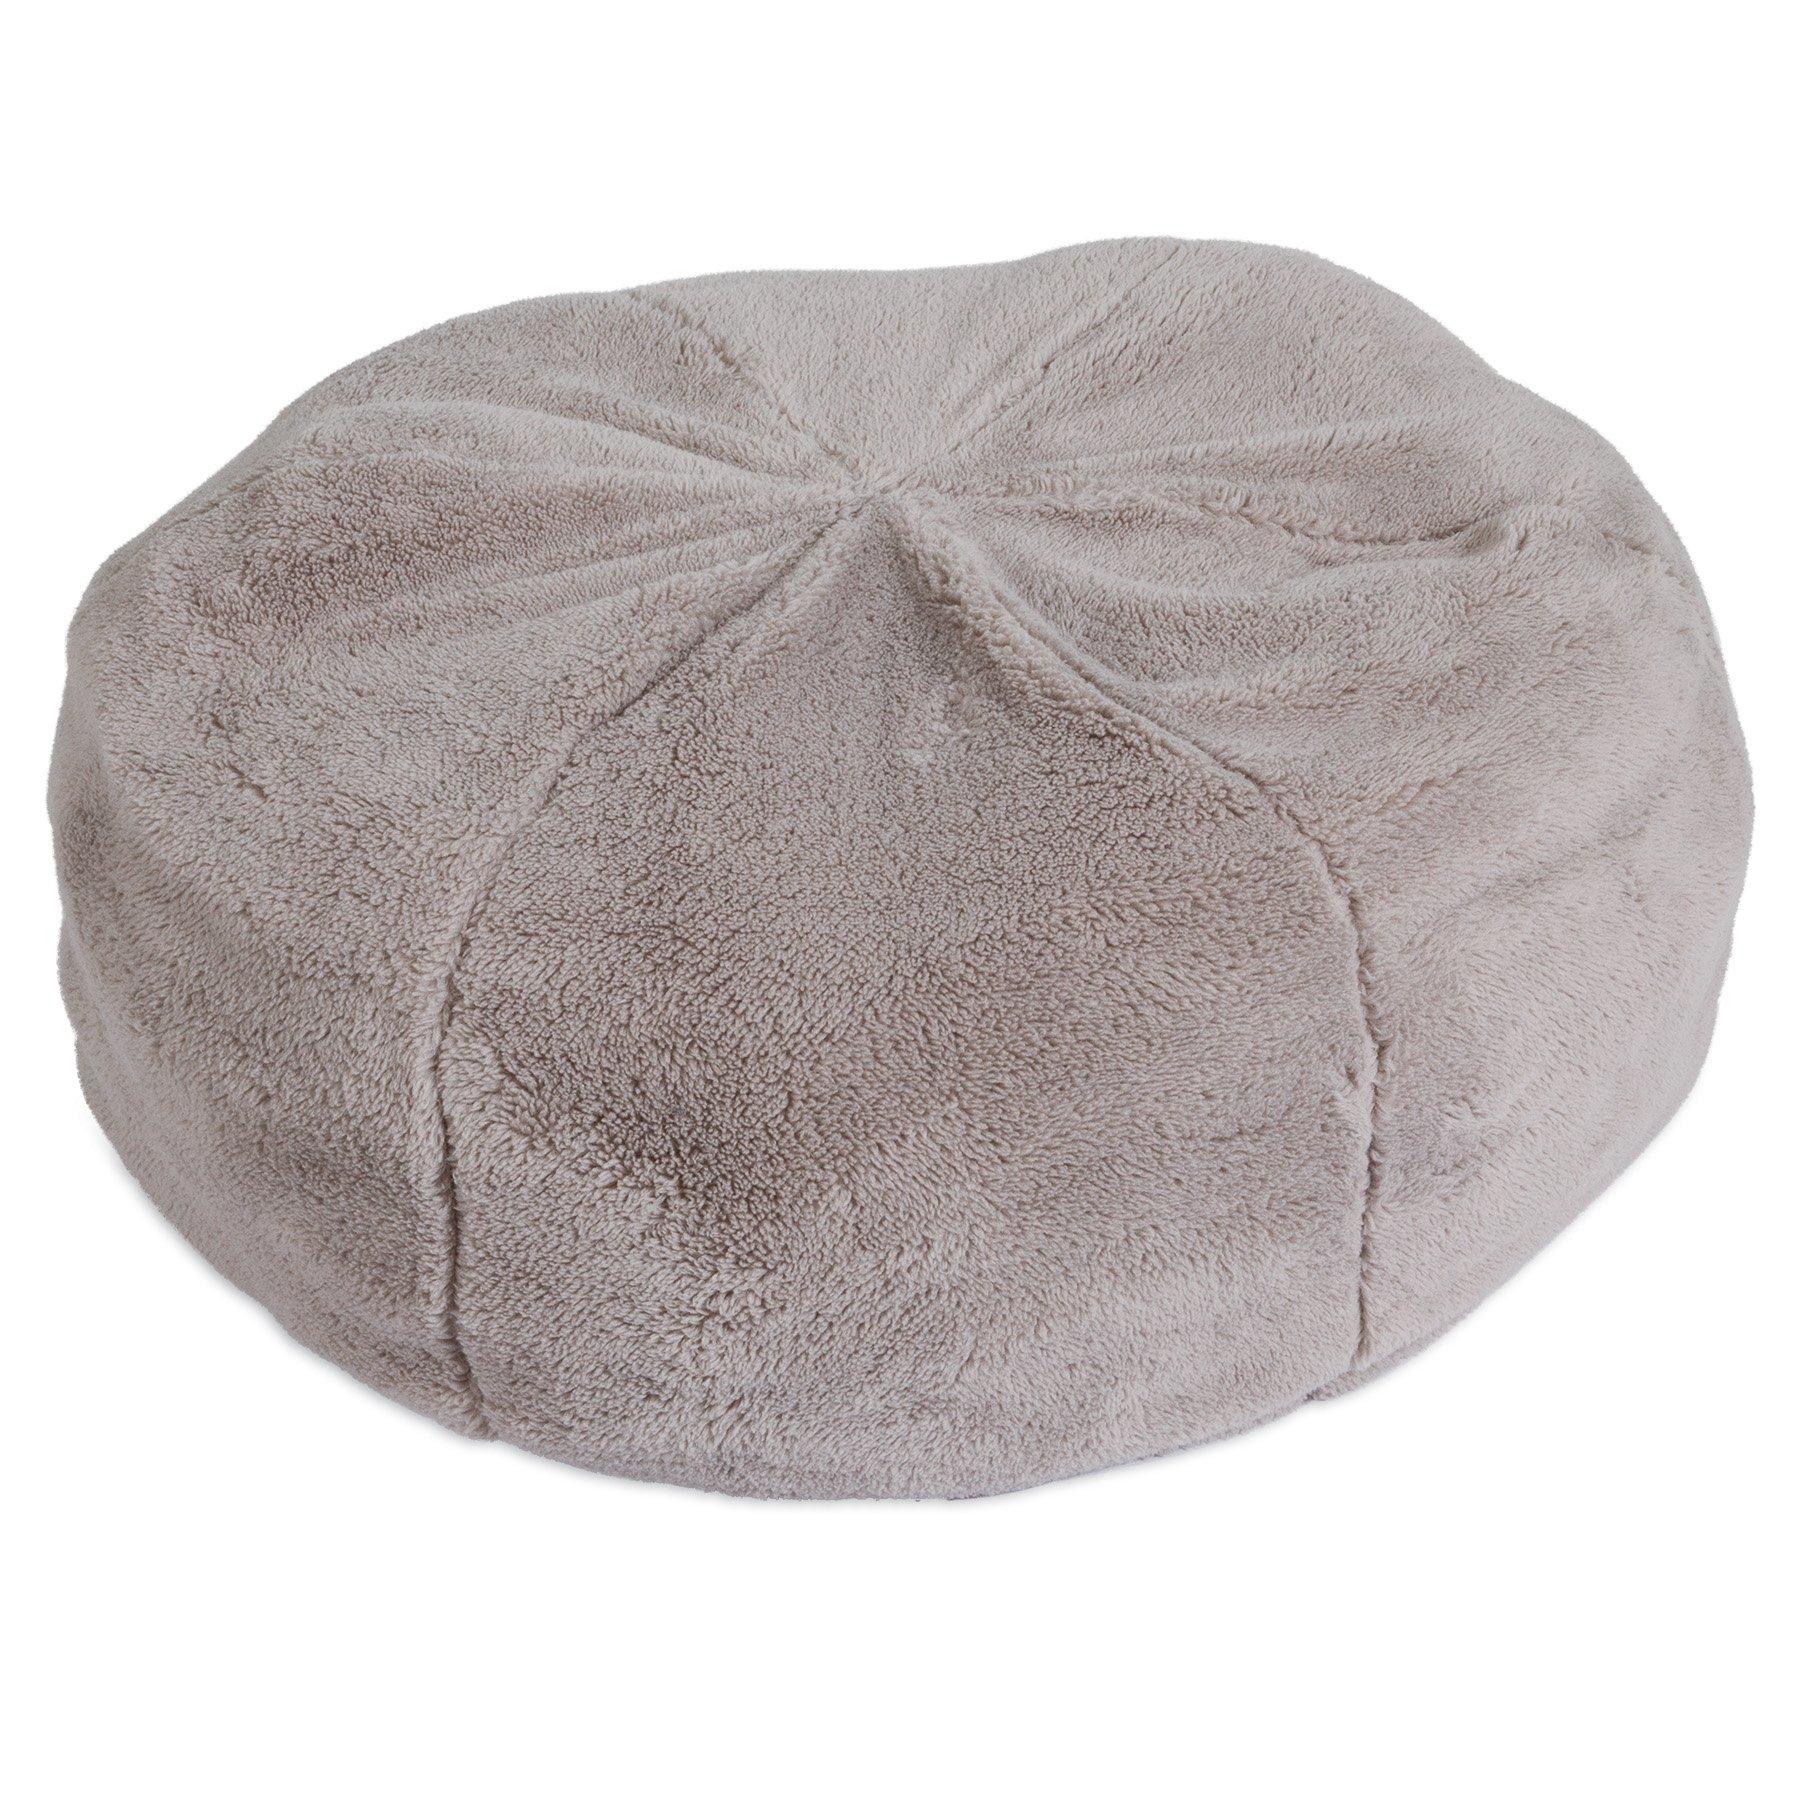 Petmate Jackson Galaxy Dumpling Cat Bed, Gray by Petmate (Image #1)